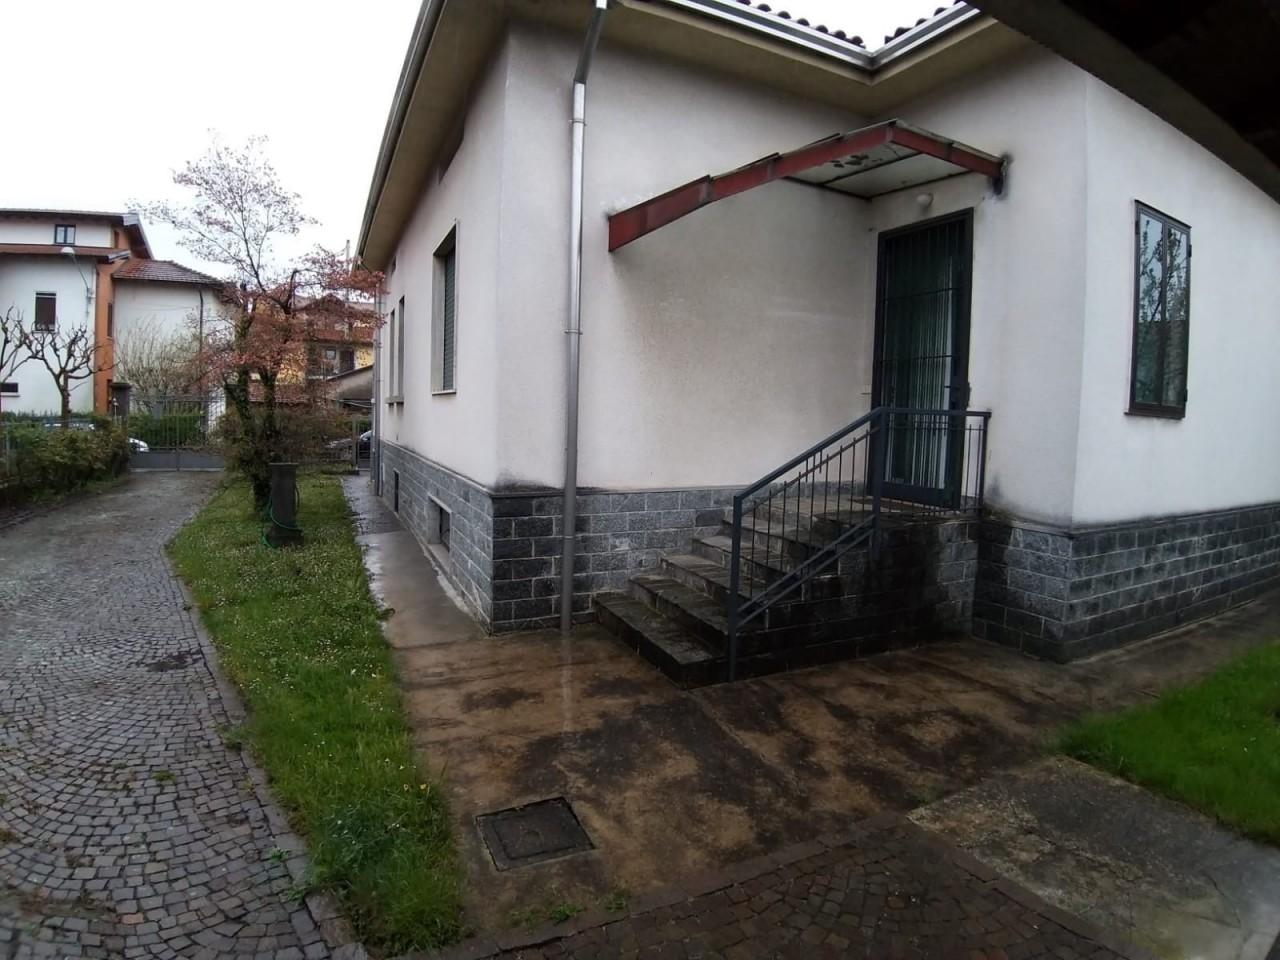 Villa in vendita a Venegono Inferiore, 3 locali, Trattative riservate | CambioCasa.it